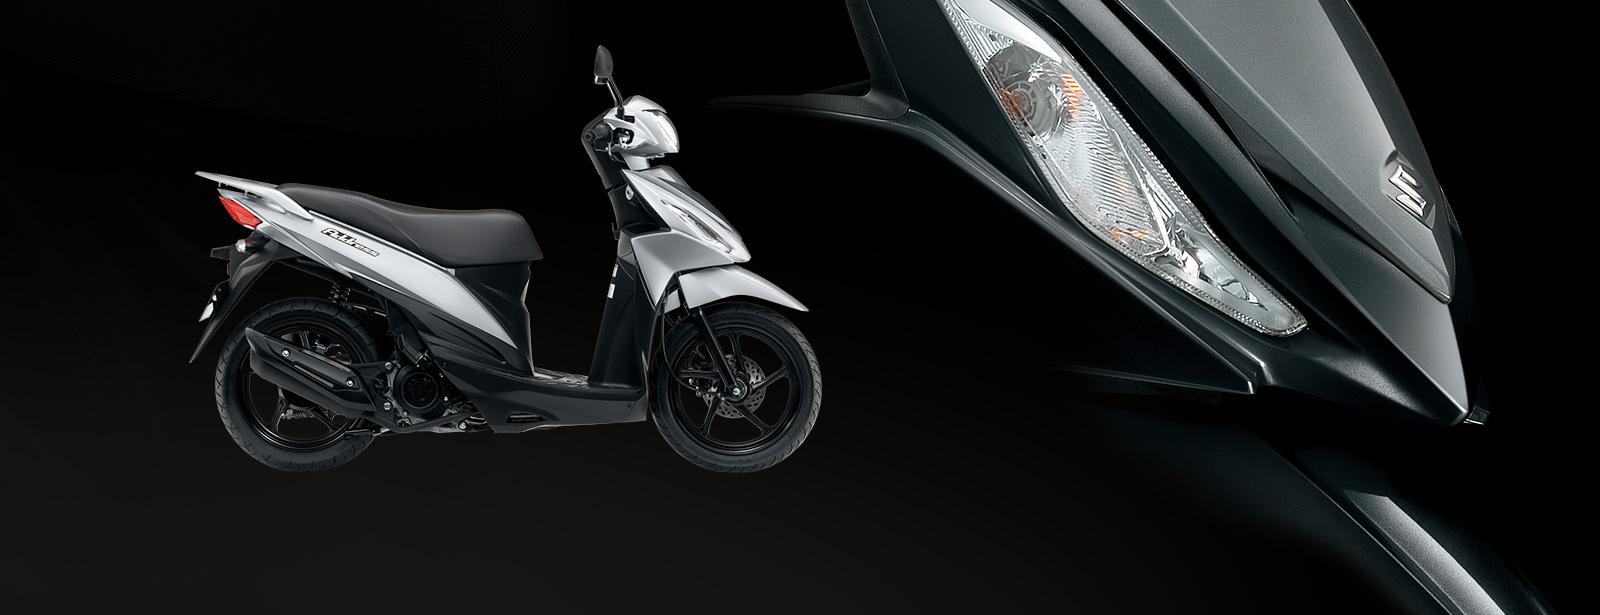 Suzuki Address w letniej promocji